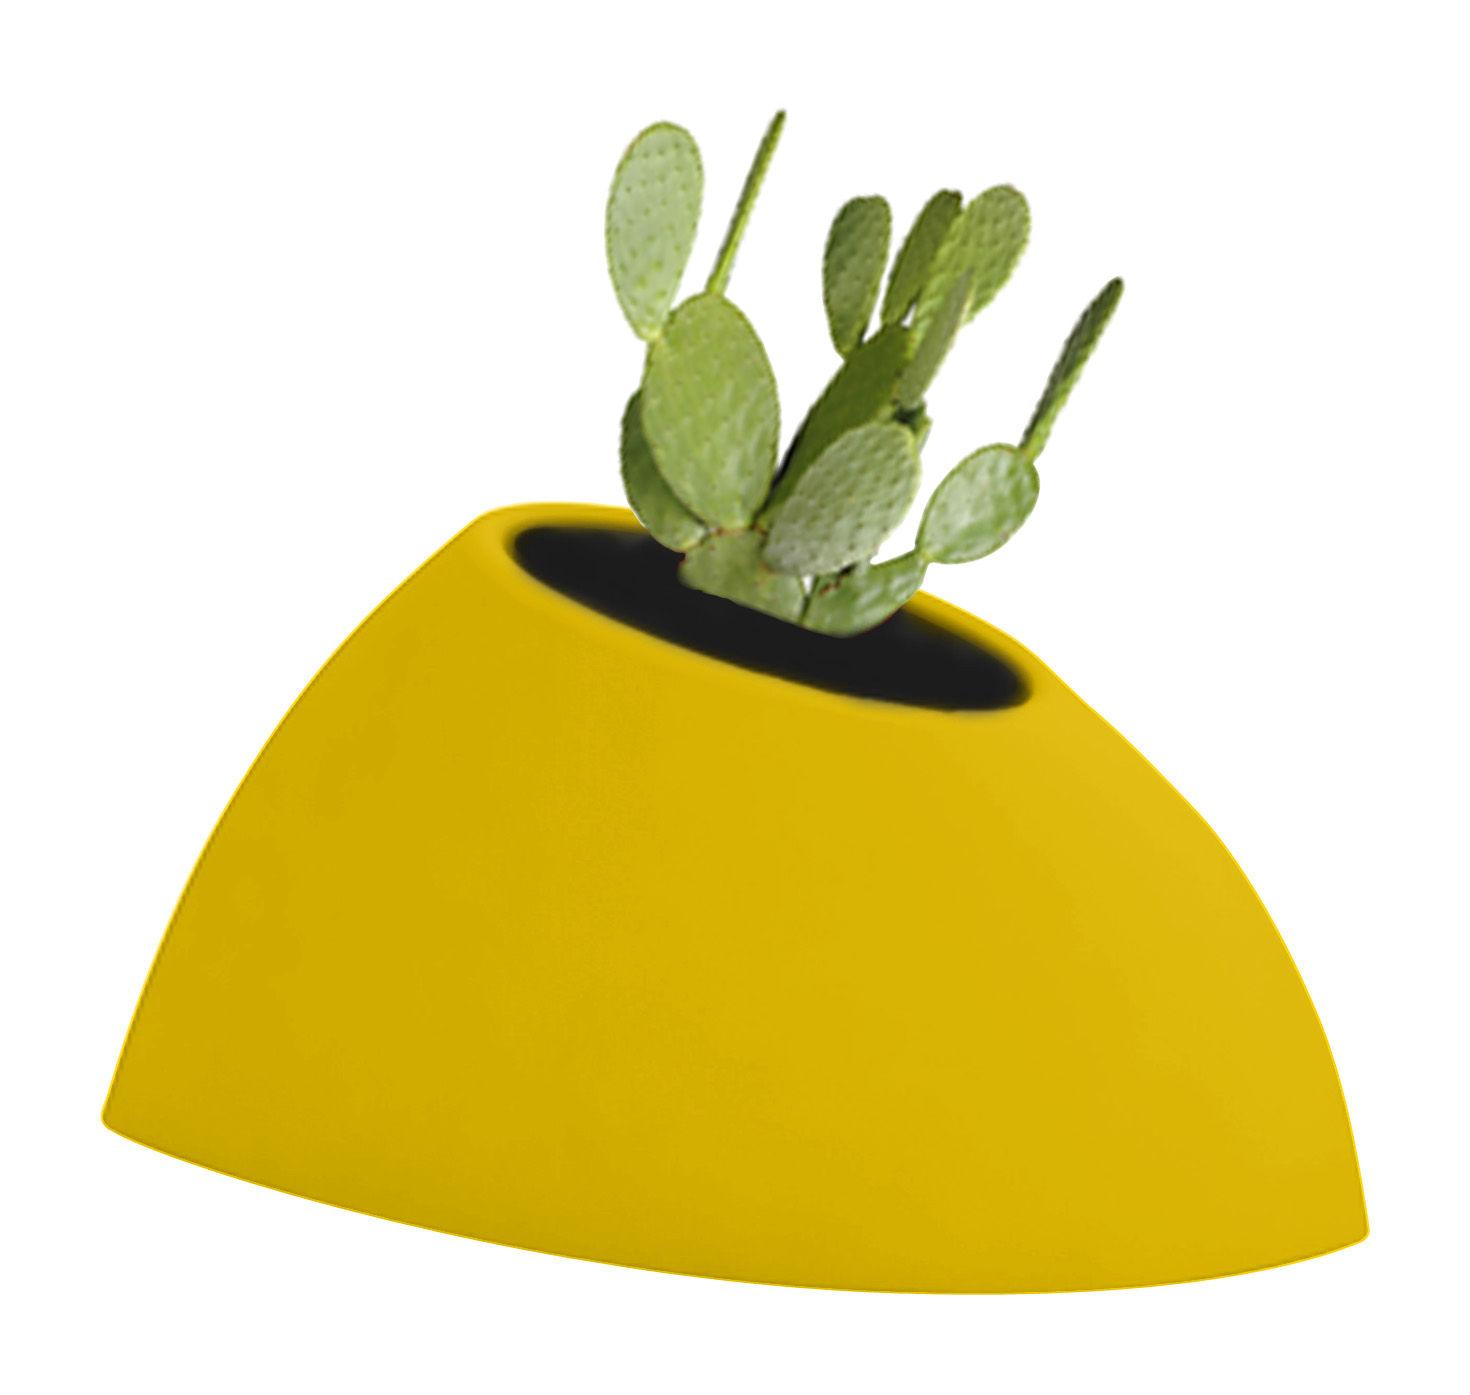 Jardin - Pots et plantes - Pot de fleurs Tao S H 36 cm - MyYour - Jaune - Polyéthylène rotomoulé